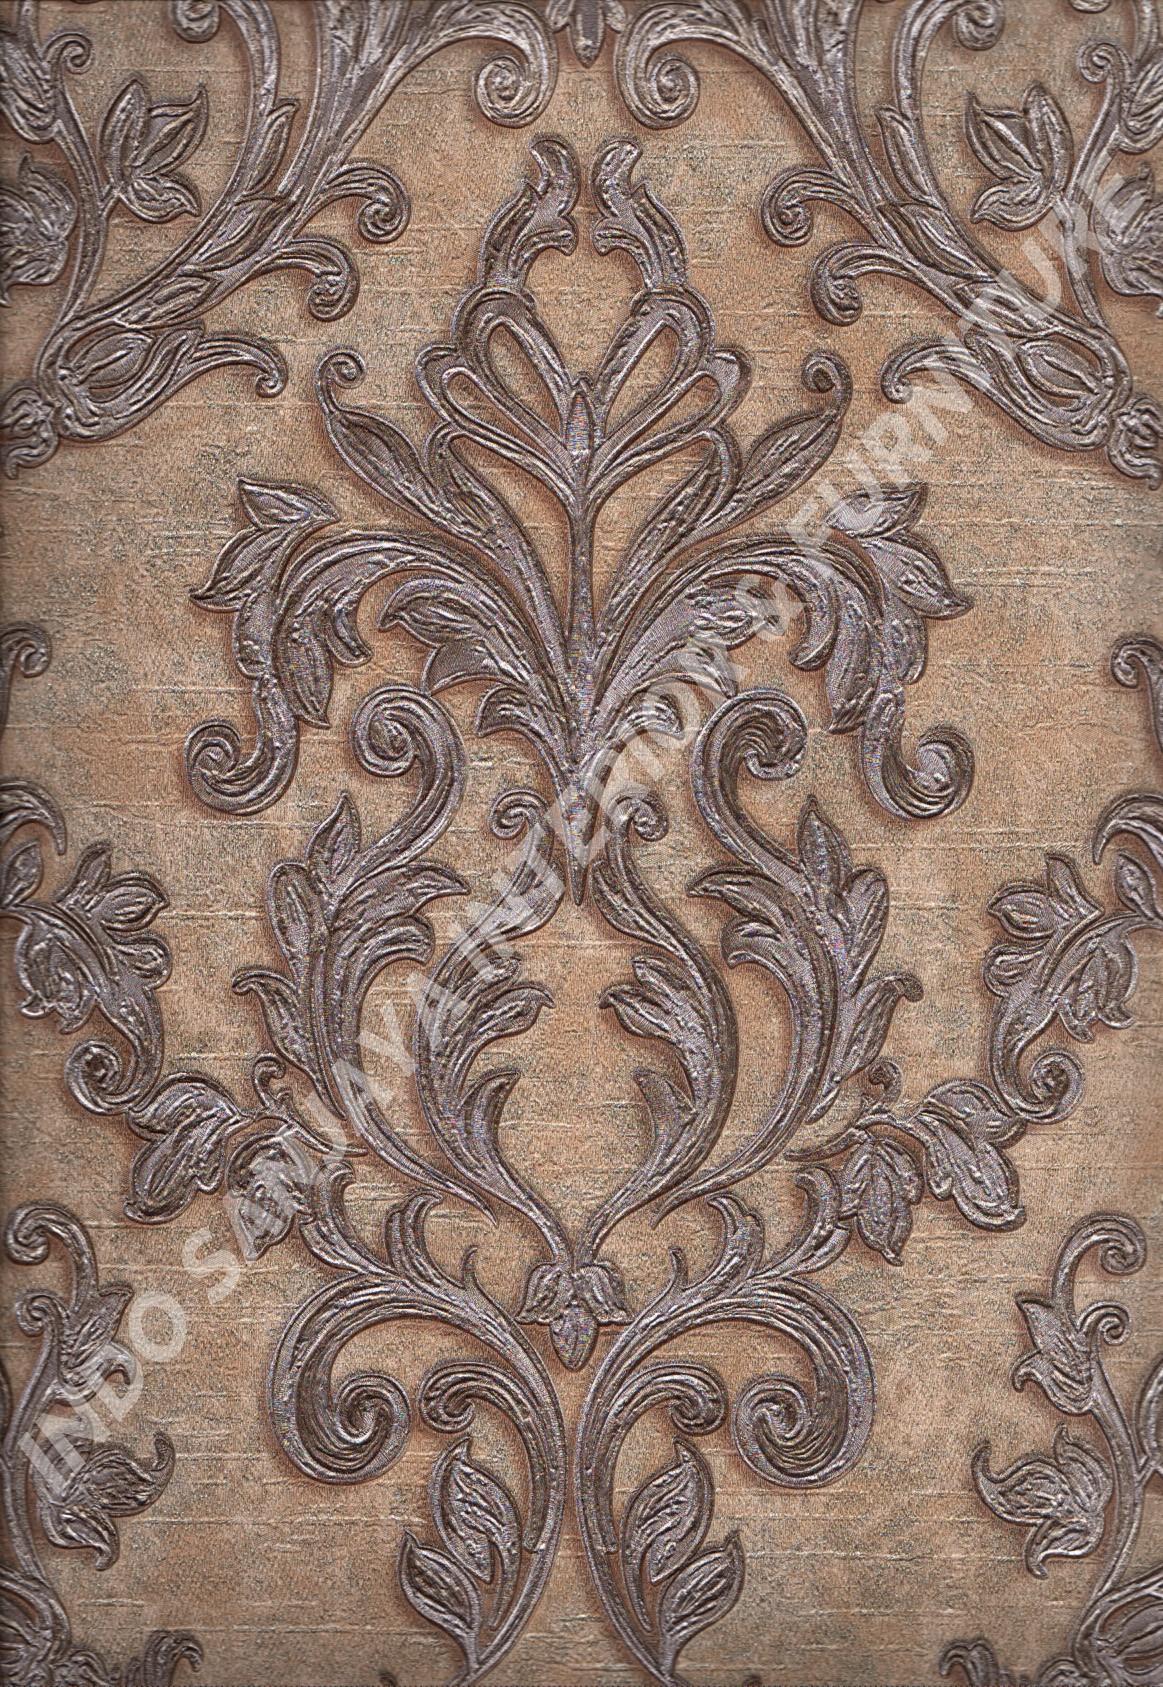 wallpaper   Wallpaper Bunga 8843:8843 corak  warna